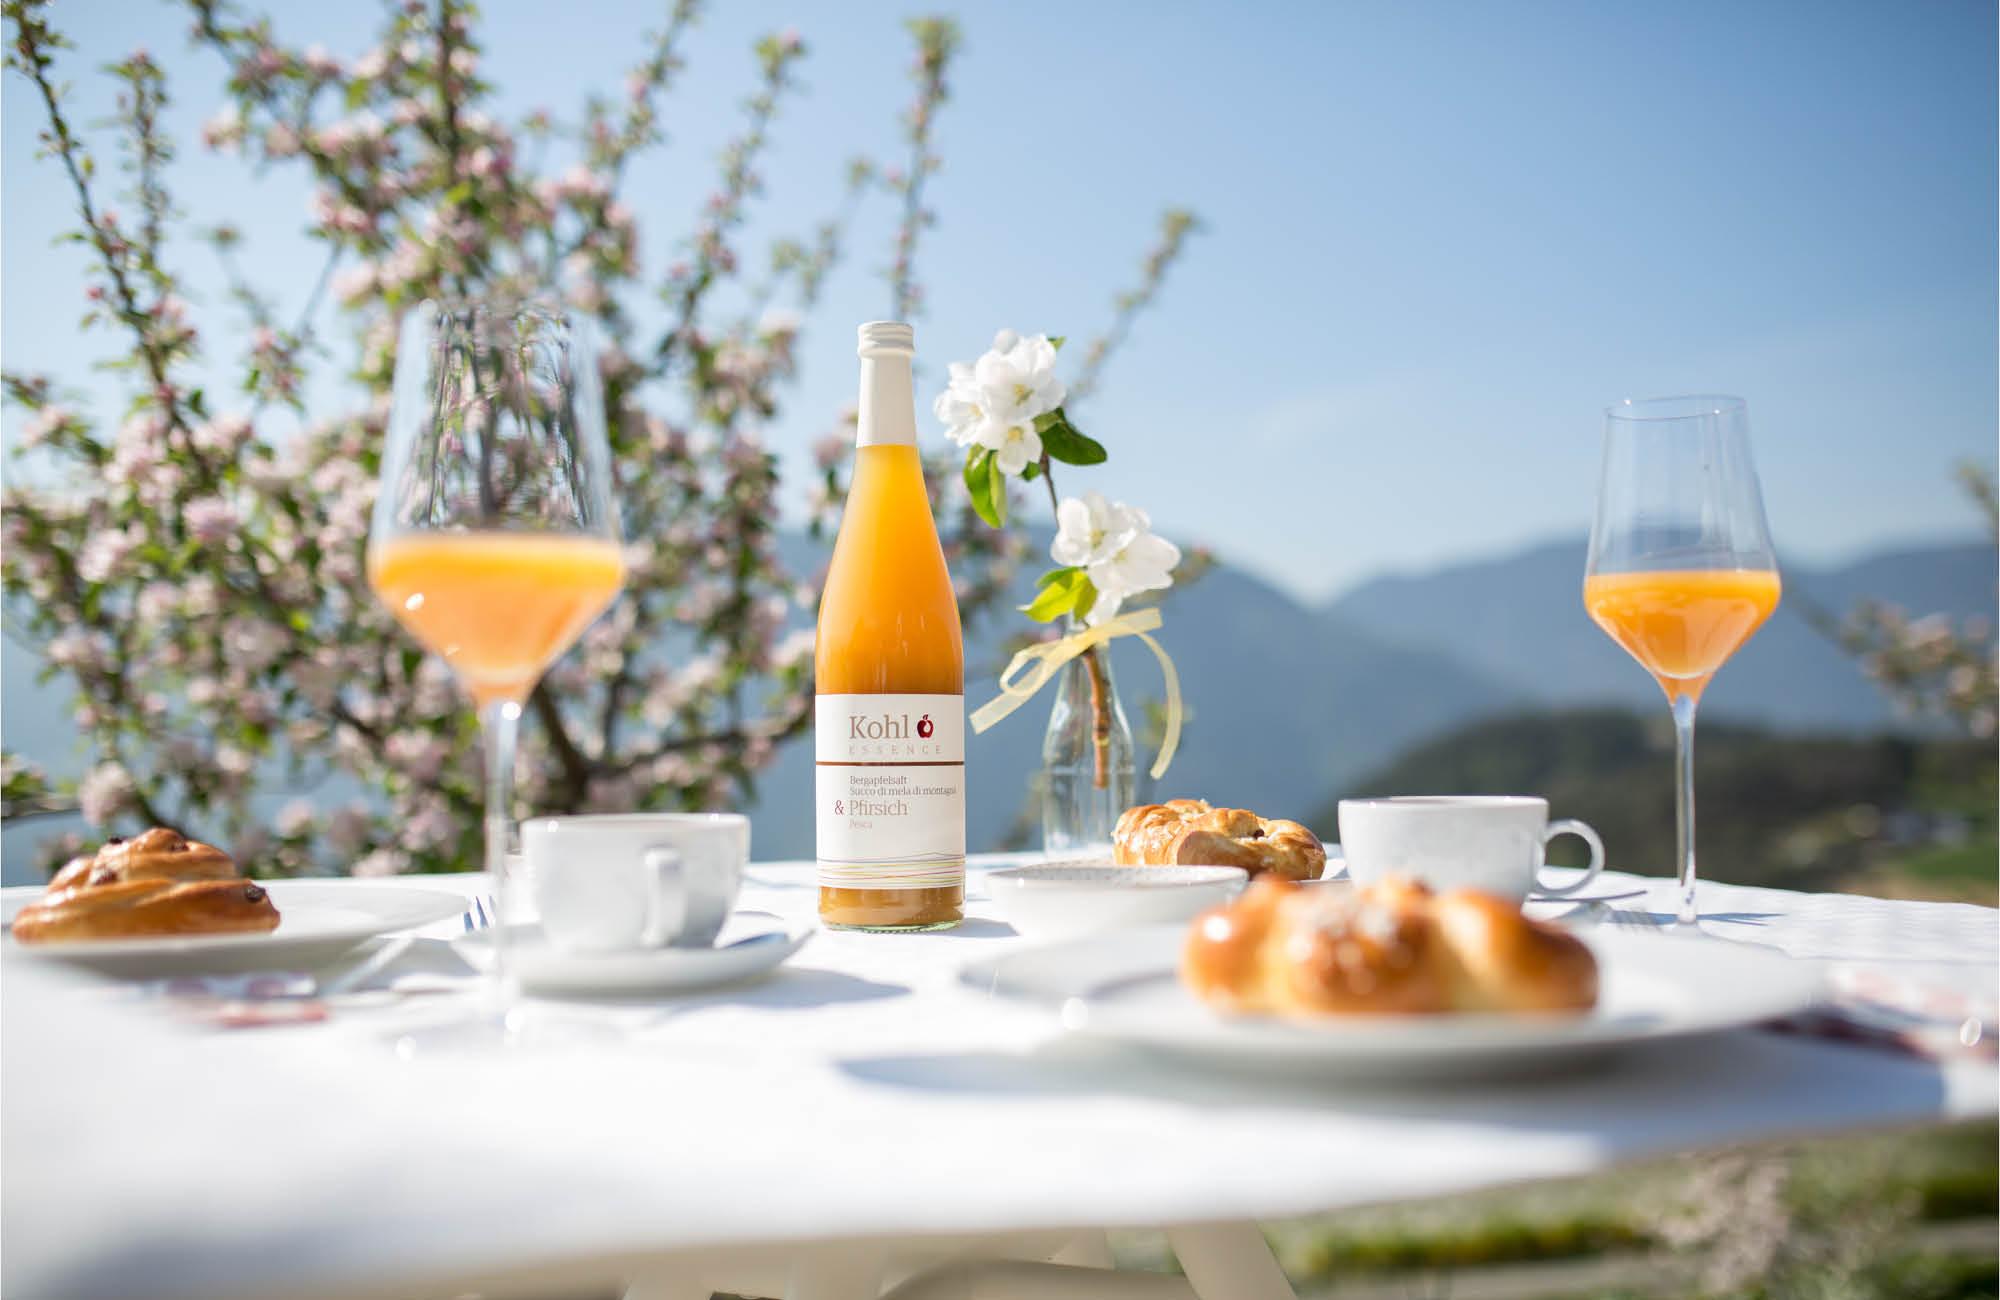 Apfelsaft-zum-Fr-hst-cknHzqCZ2T99d1i